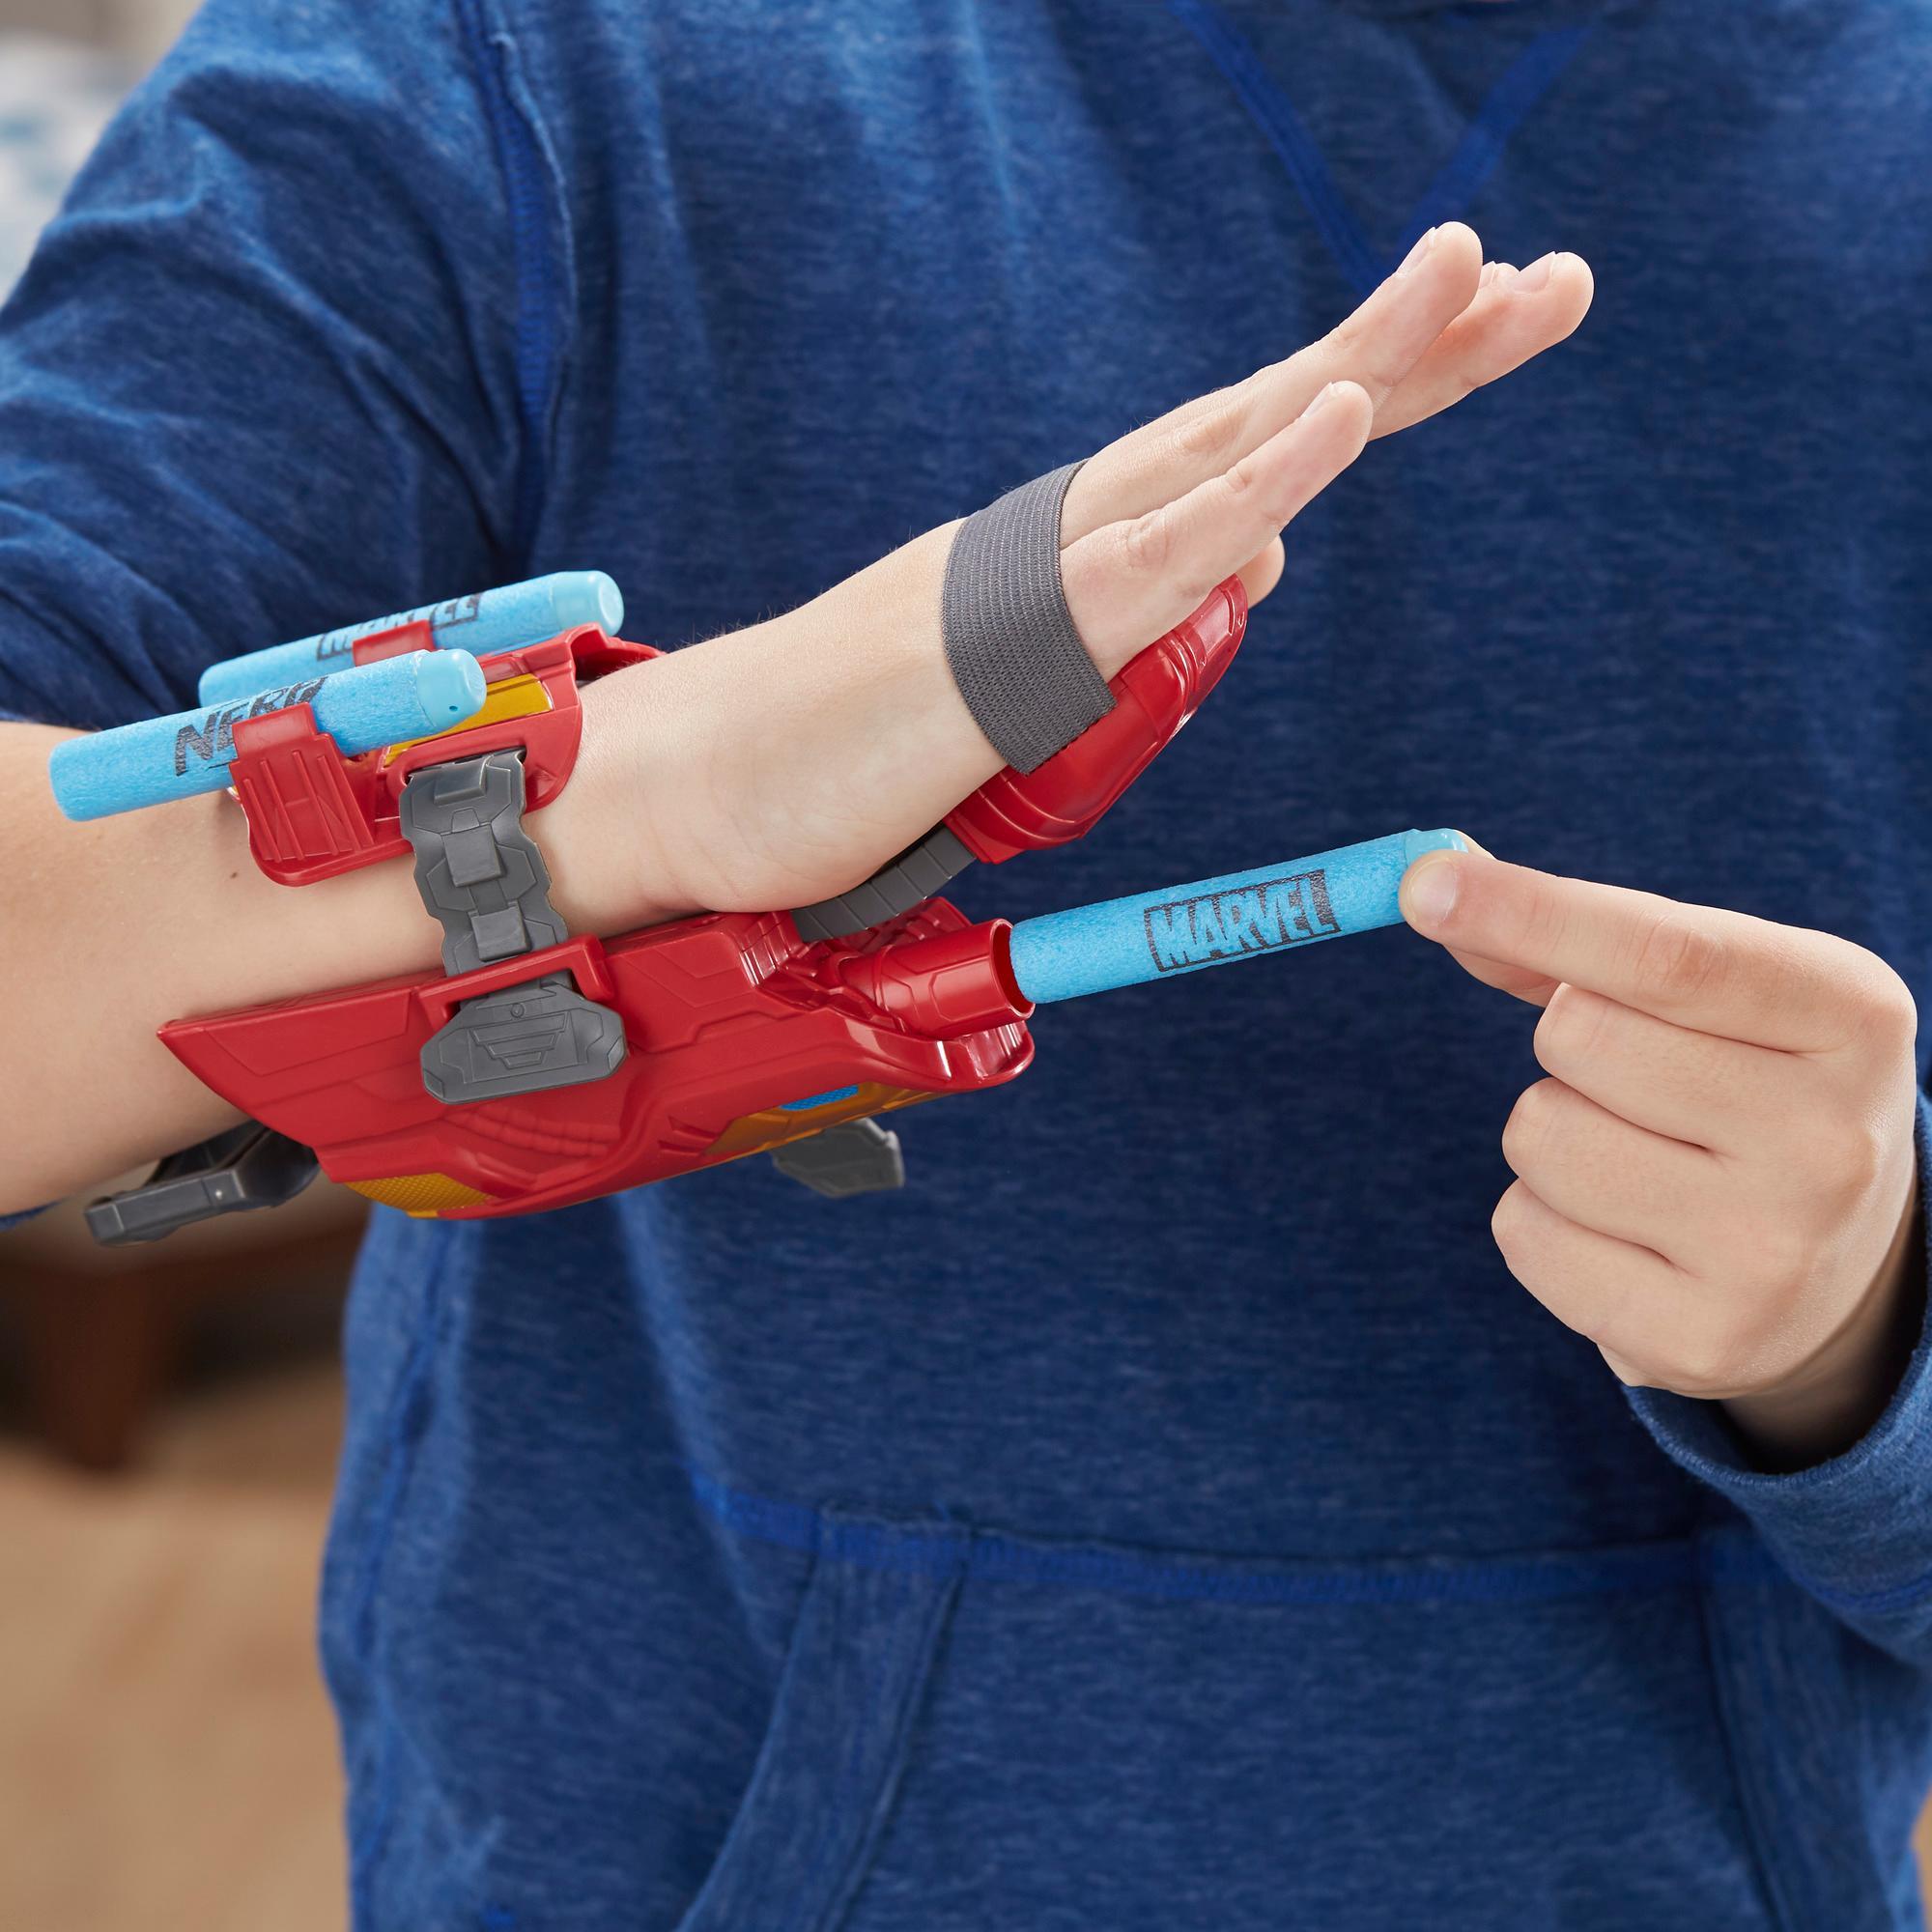 Marvel Avengers Nerf Iron Man Repulsor-Blaster